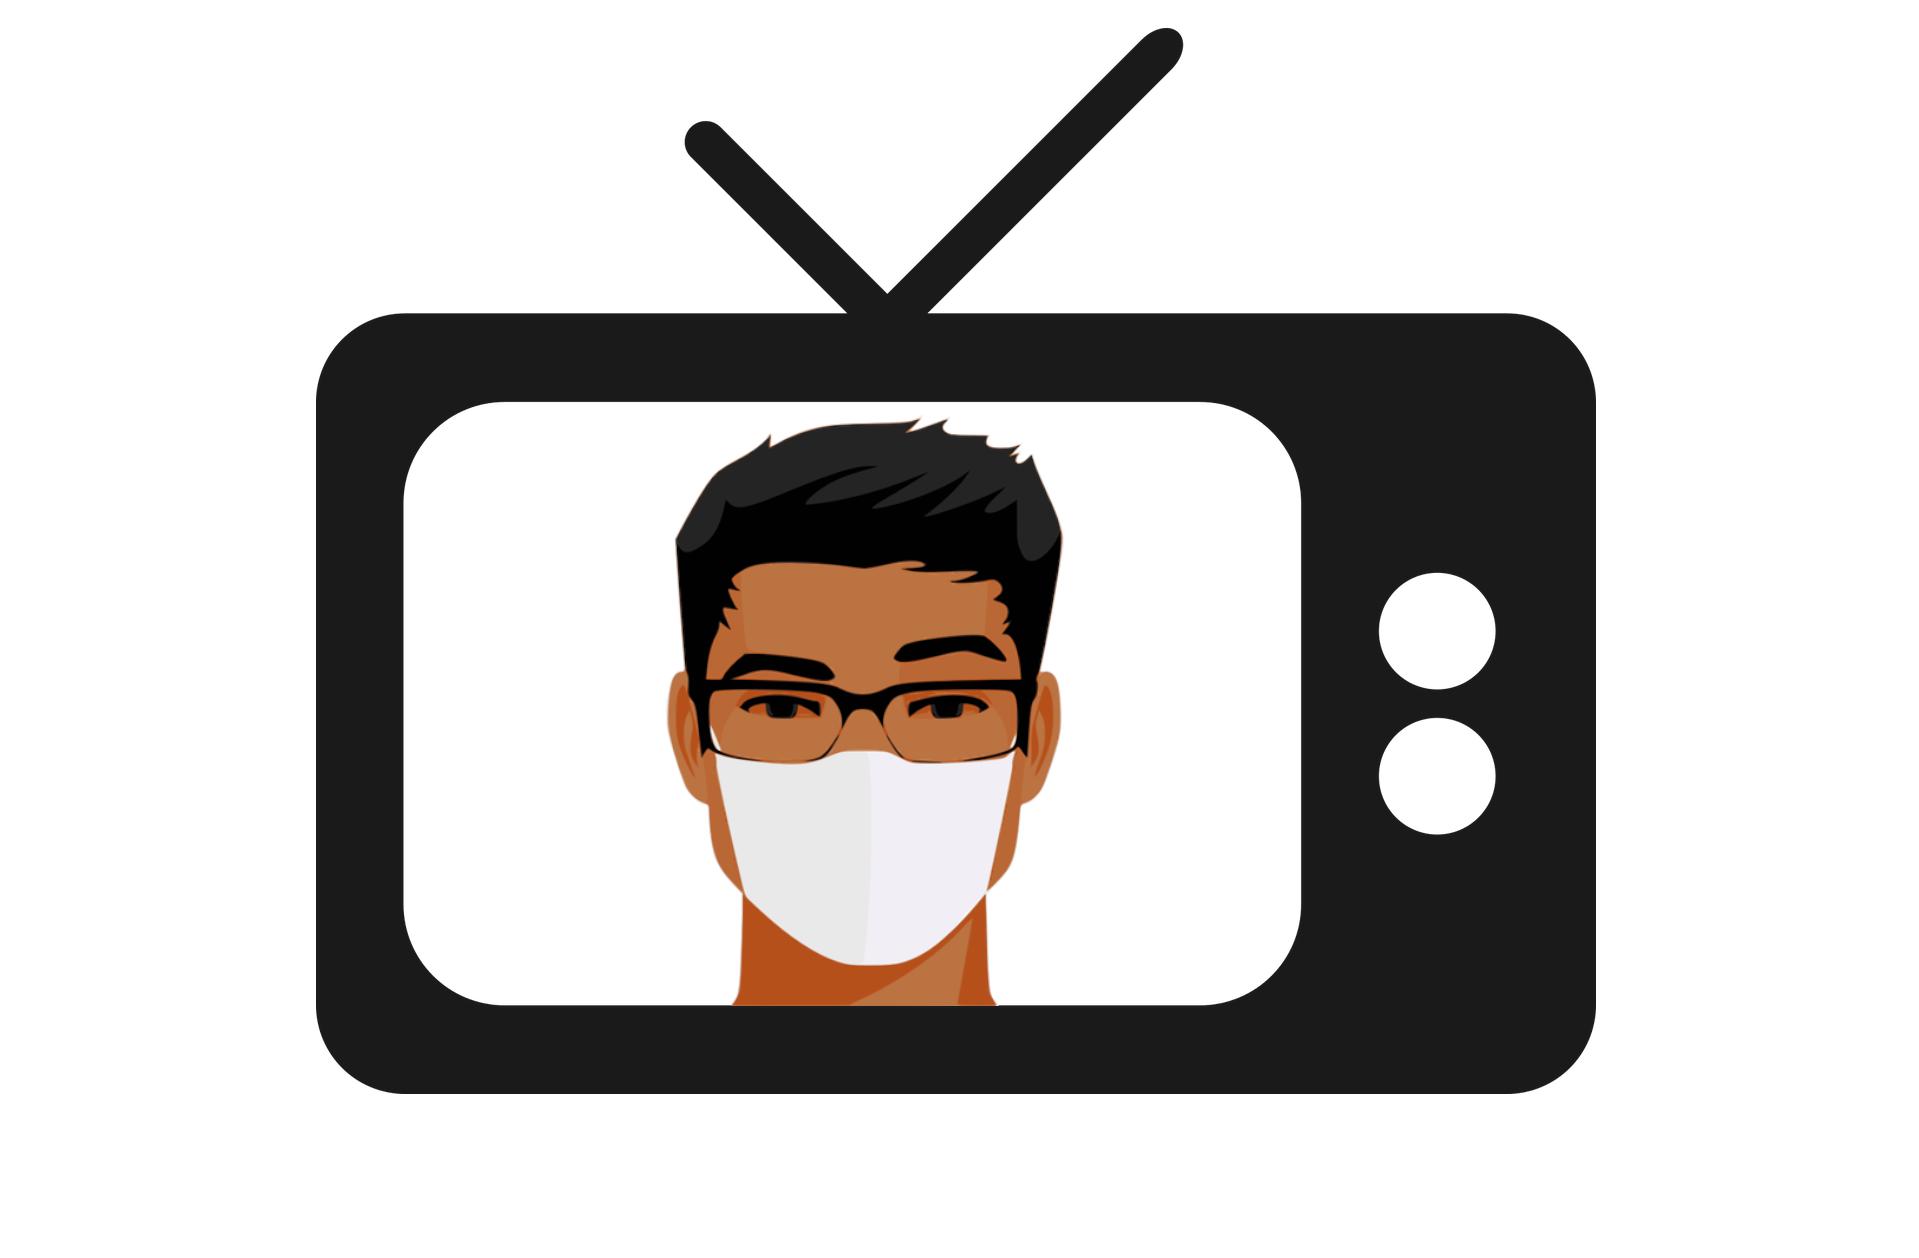 Orange przedłuża dostępność odkodowanych kanałów telewizyjnych do 3 maja 21